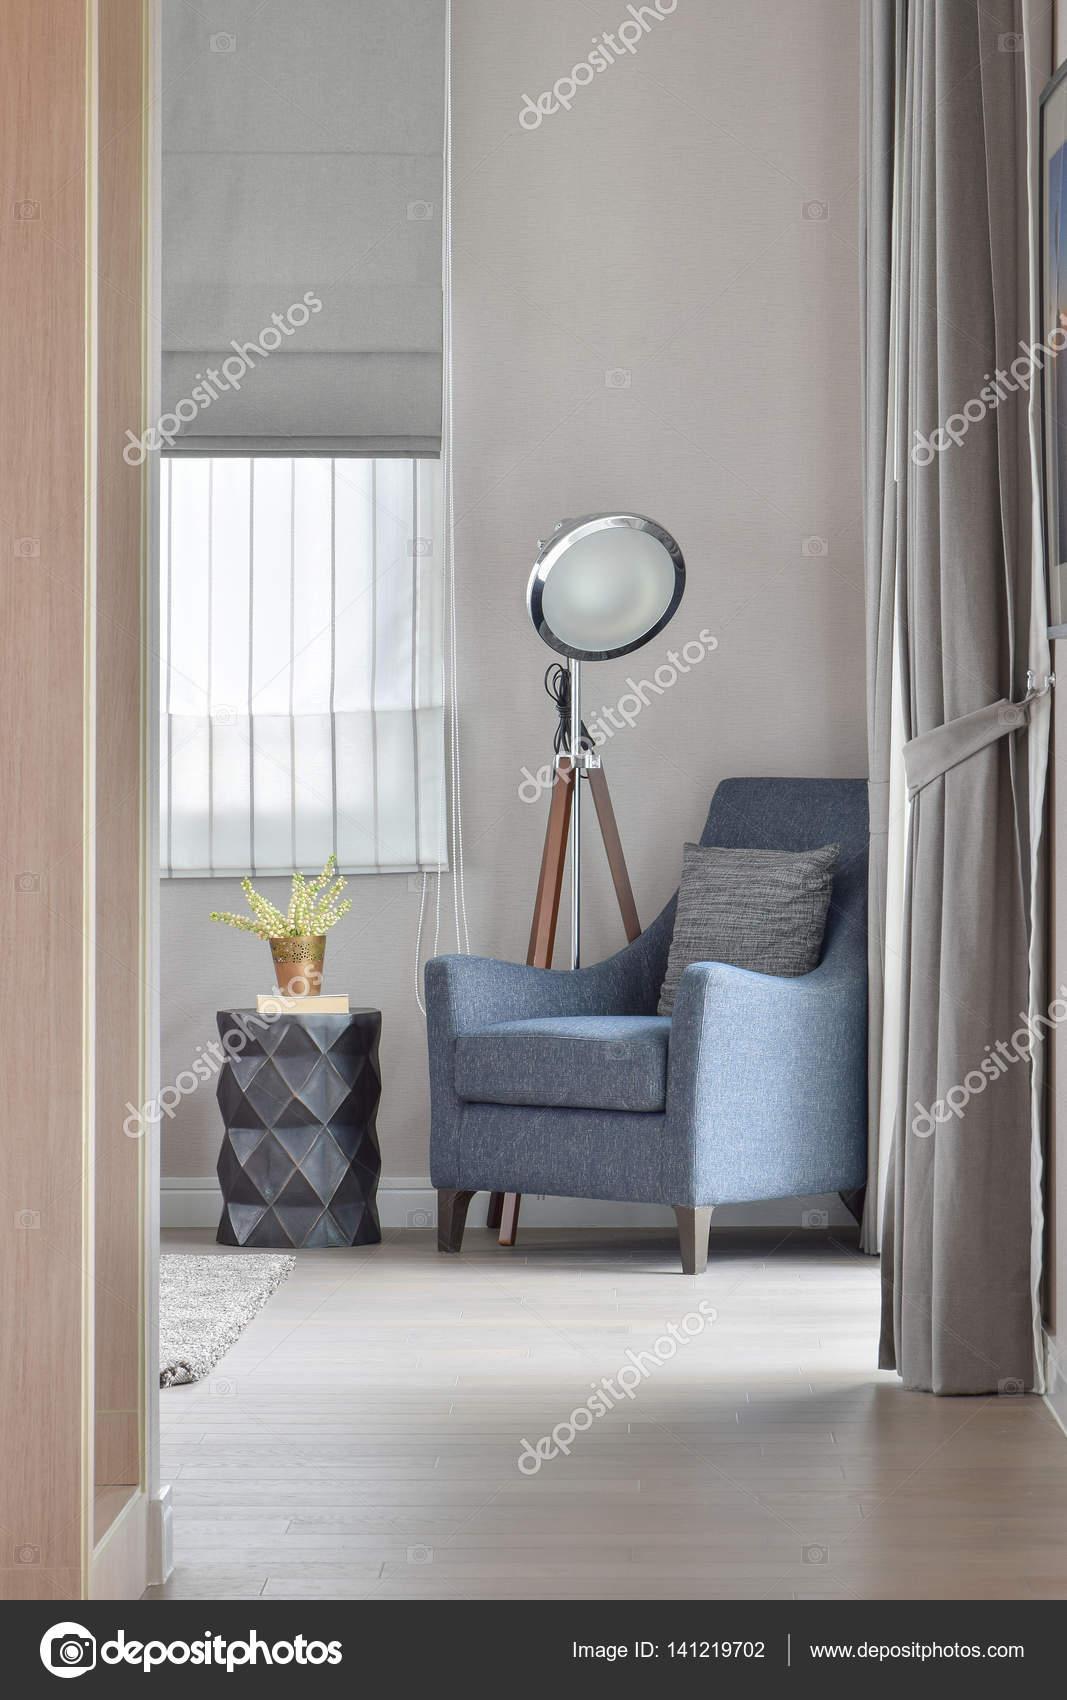 Tiefblaue Sessel Mit Stilvolle Stehlampe In Der Ecke Des Wohnzimmers